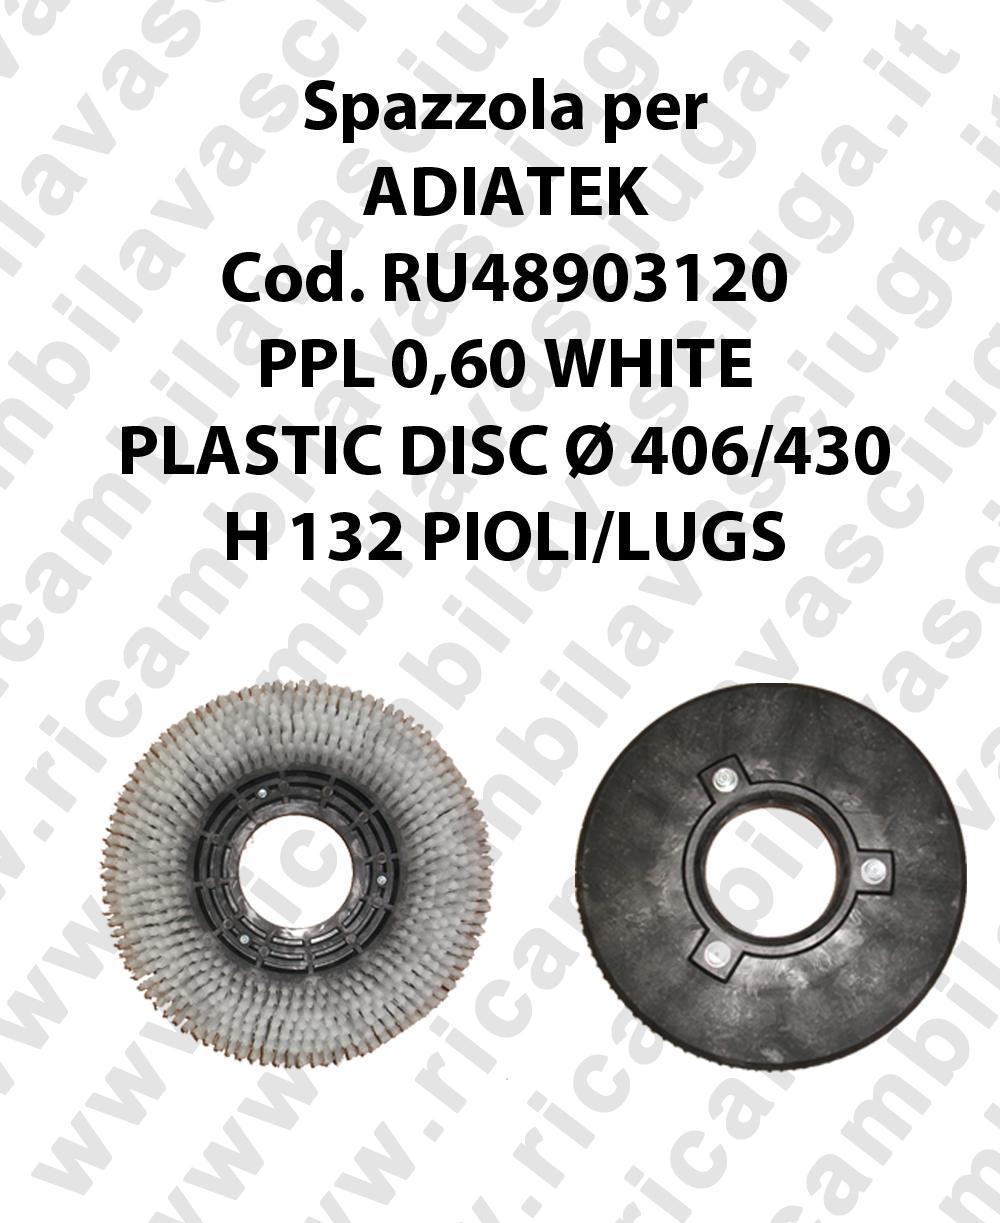 Cleaning Brush PPL 0,60 WHITE for scrubber dryer ADIATEK Code RU48903120